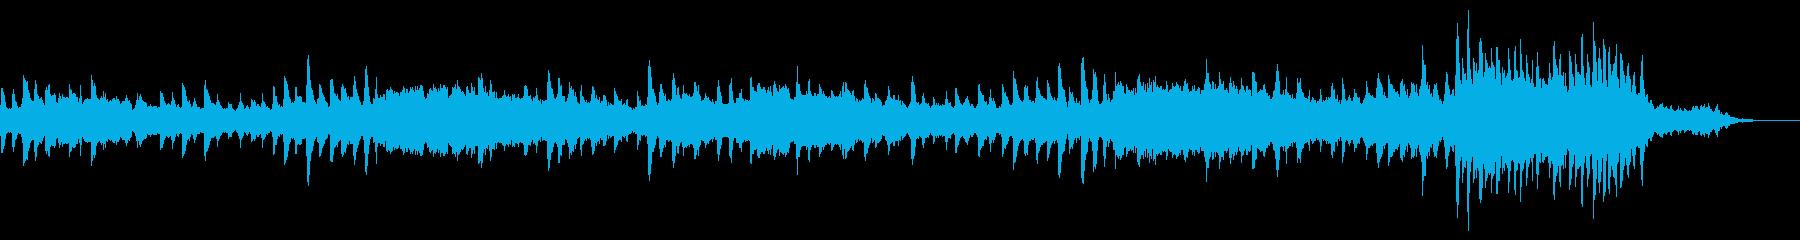 ピアノとシンセを使用したアンビエントの再生済みの波形